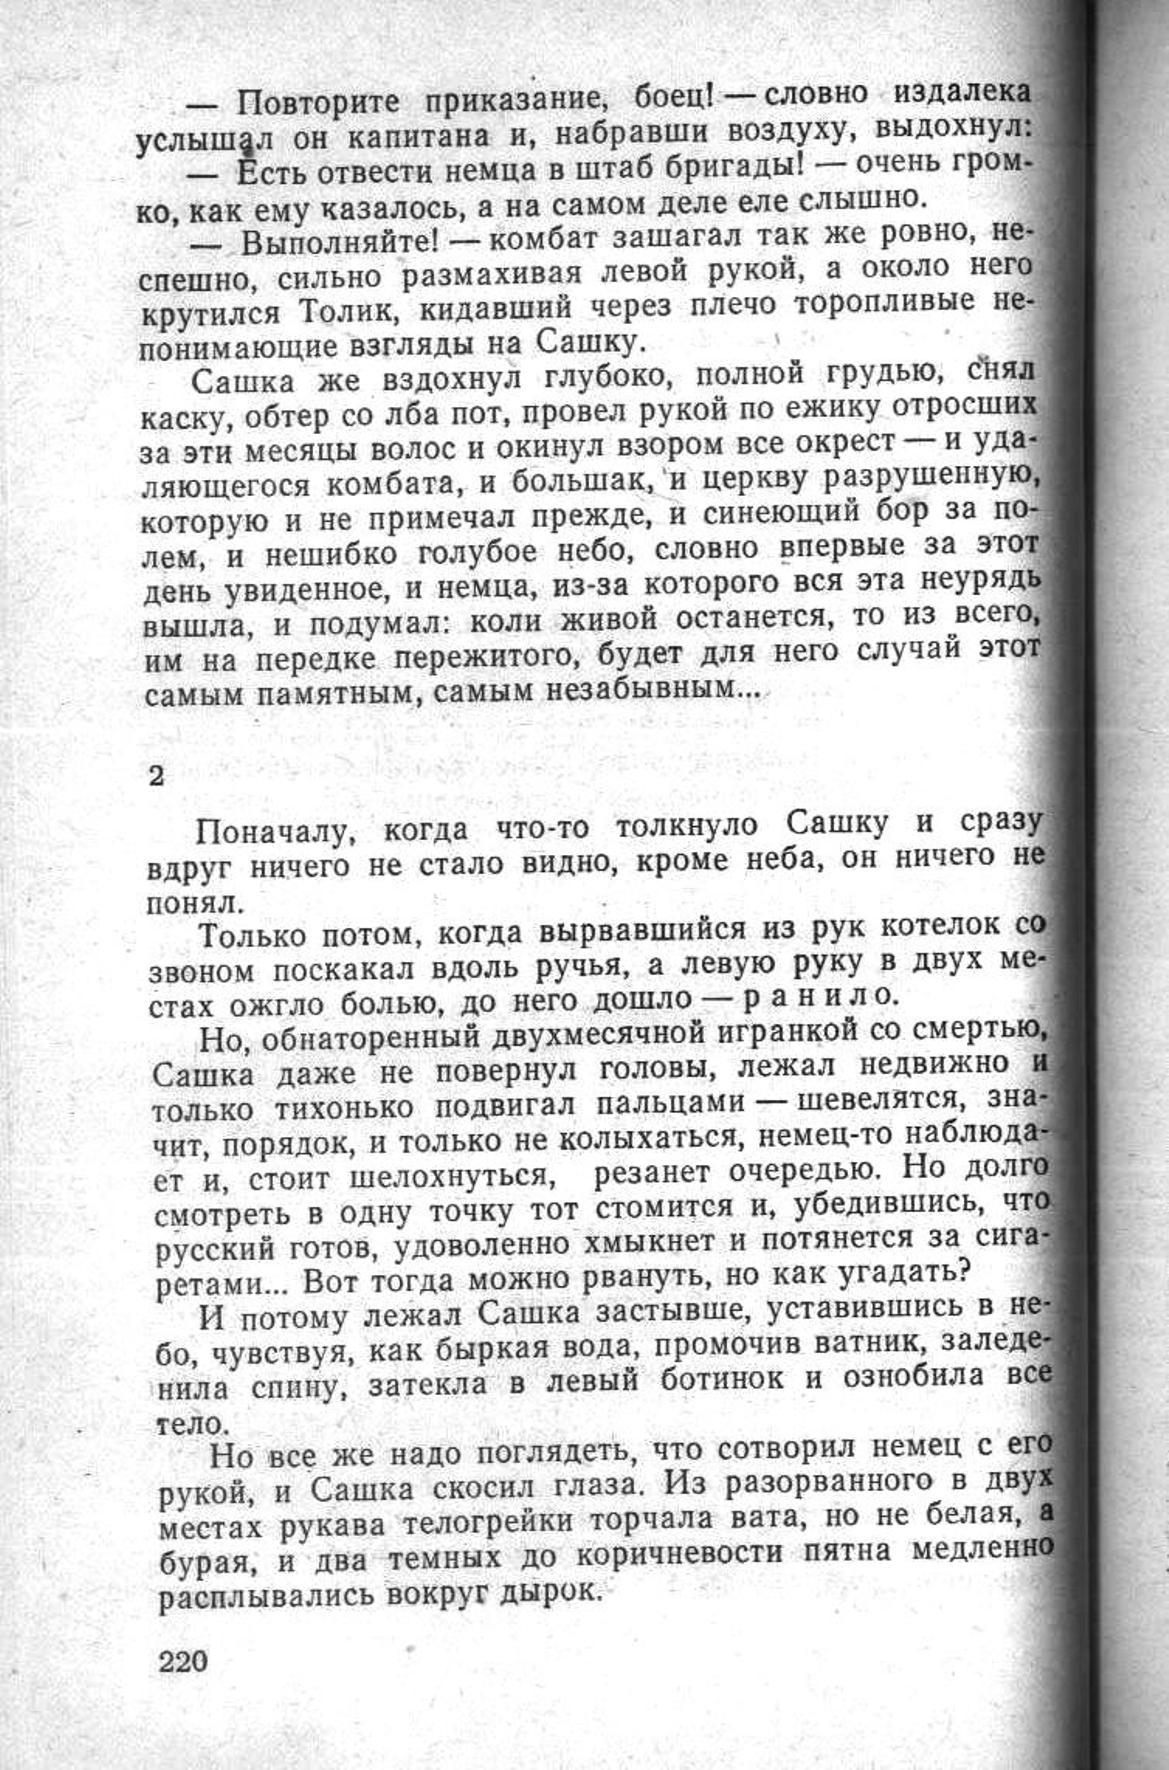 Сашка. Повесть. Вячеслав Кондратьев. 006. 001